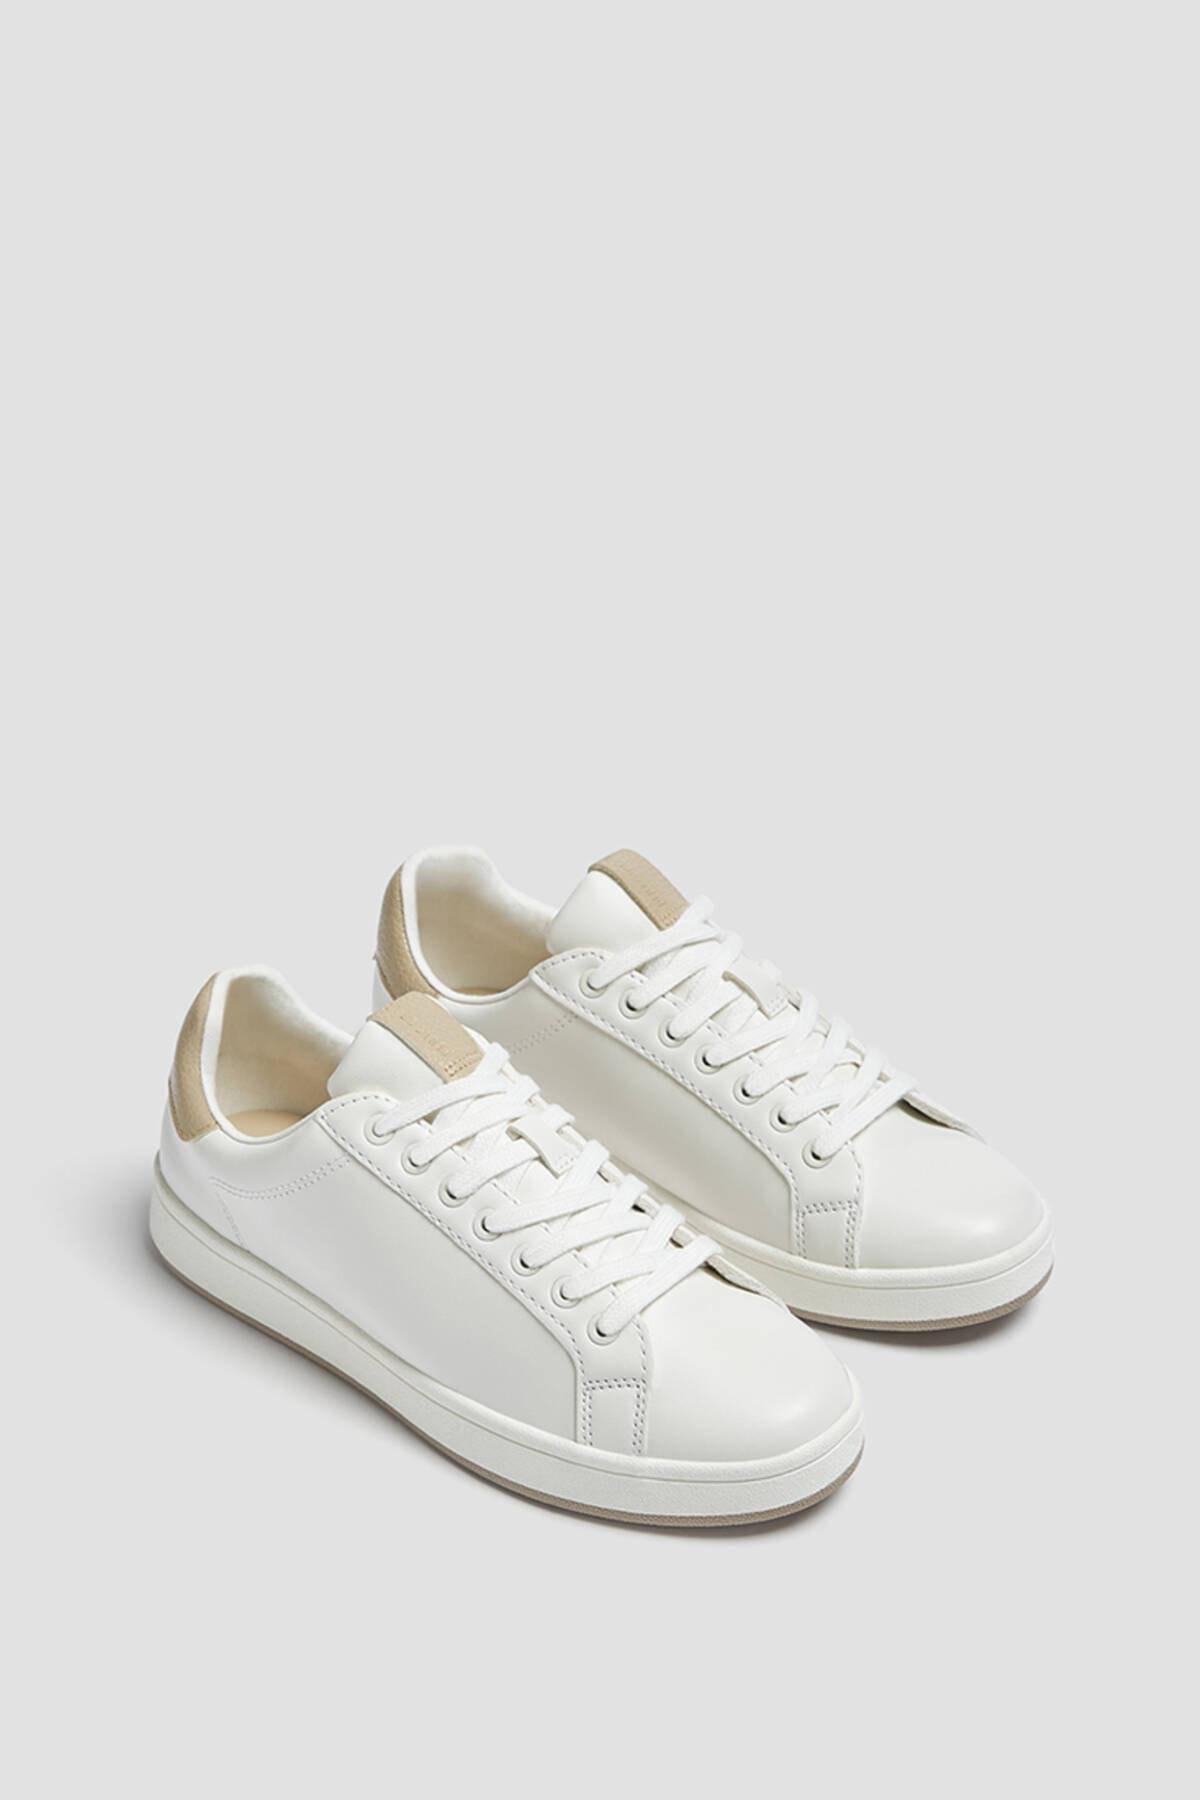 Pull & Bear Kadın Beyaz Topuğu Parça Detaylı Casual Spor Ayakkabı